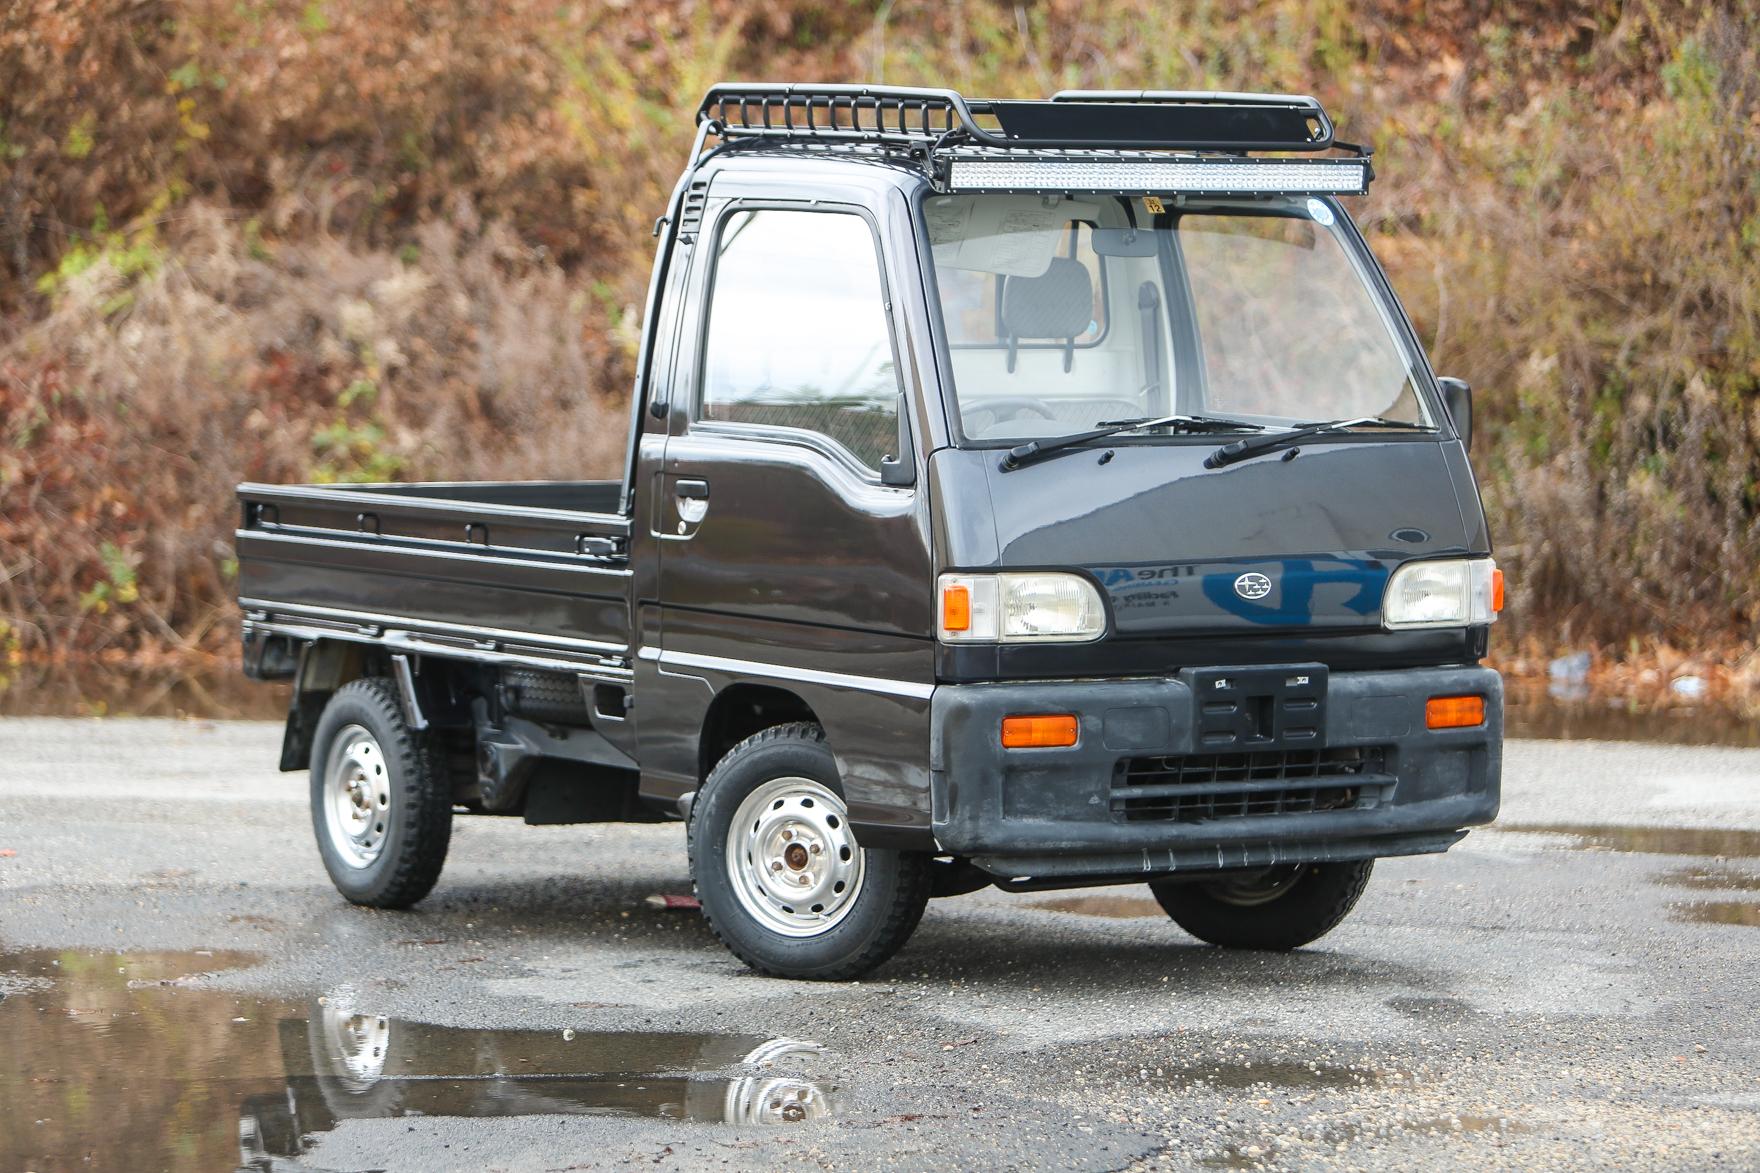 1992 Subaru Sambar - $5,950